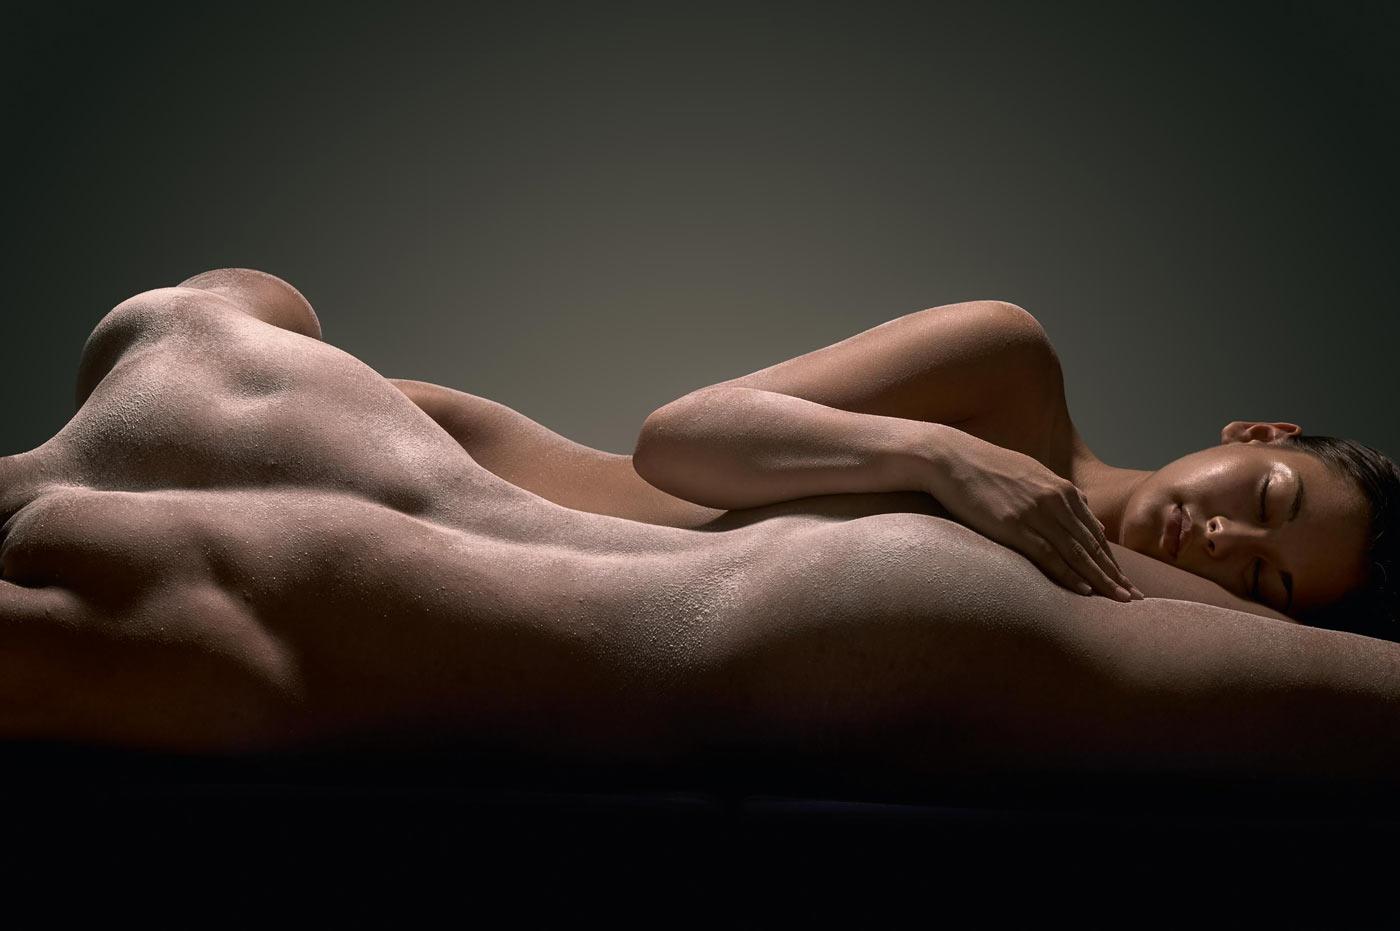 Aktfoto eines Paars. Muskulöser Mann liegt auf dem Bauch und junge Frau hat ihren Kopf auf seinen Oberschenkel gelegt und schläft.